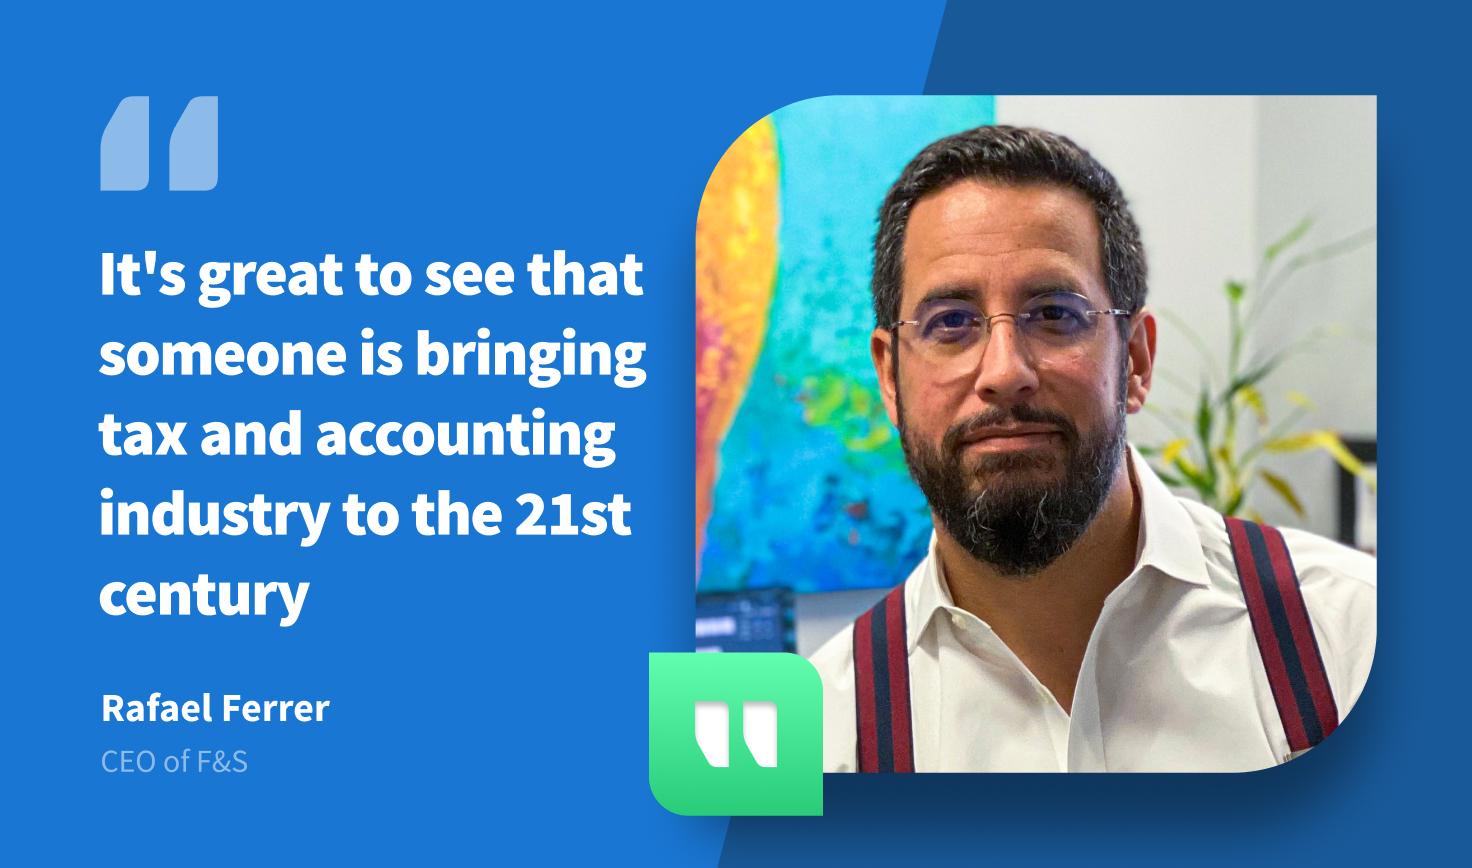 F&S Projects su TaxDome 'Portare l'industria fiscale e contabile nel 21° secolo